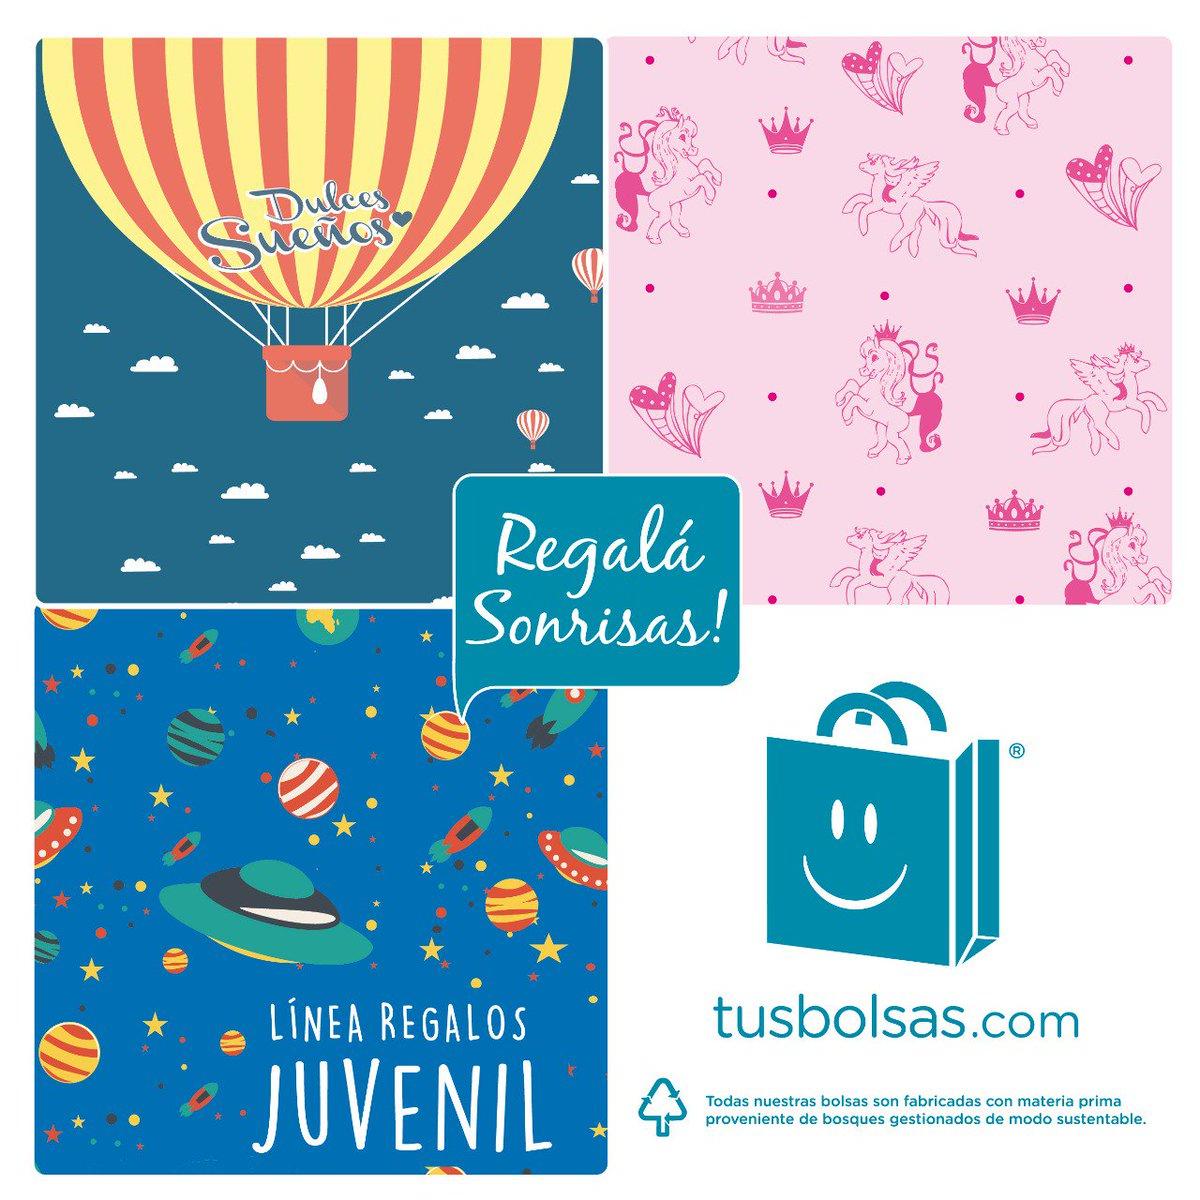 #tusbolsas #linearegalos #lineajuvenil #diadelniño #bolsasdecartulina #bolsasderegalos #bolsasfantasia #shoppingbags #shoppingbagsargentina